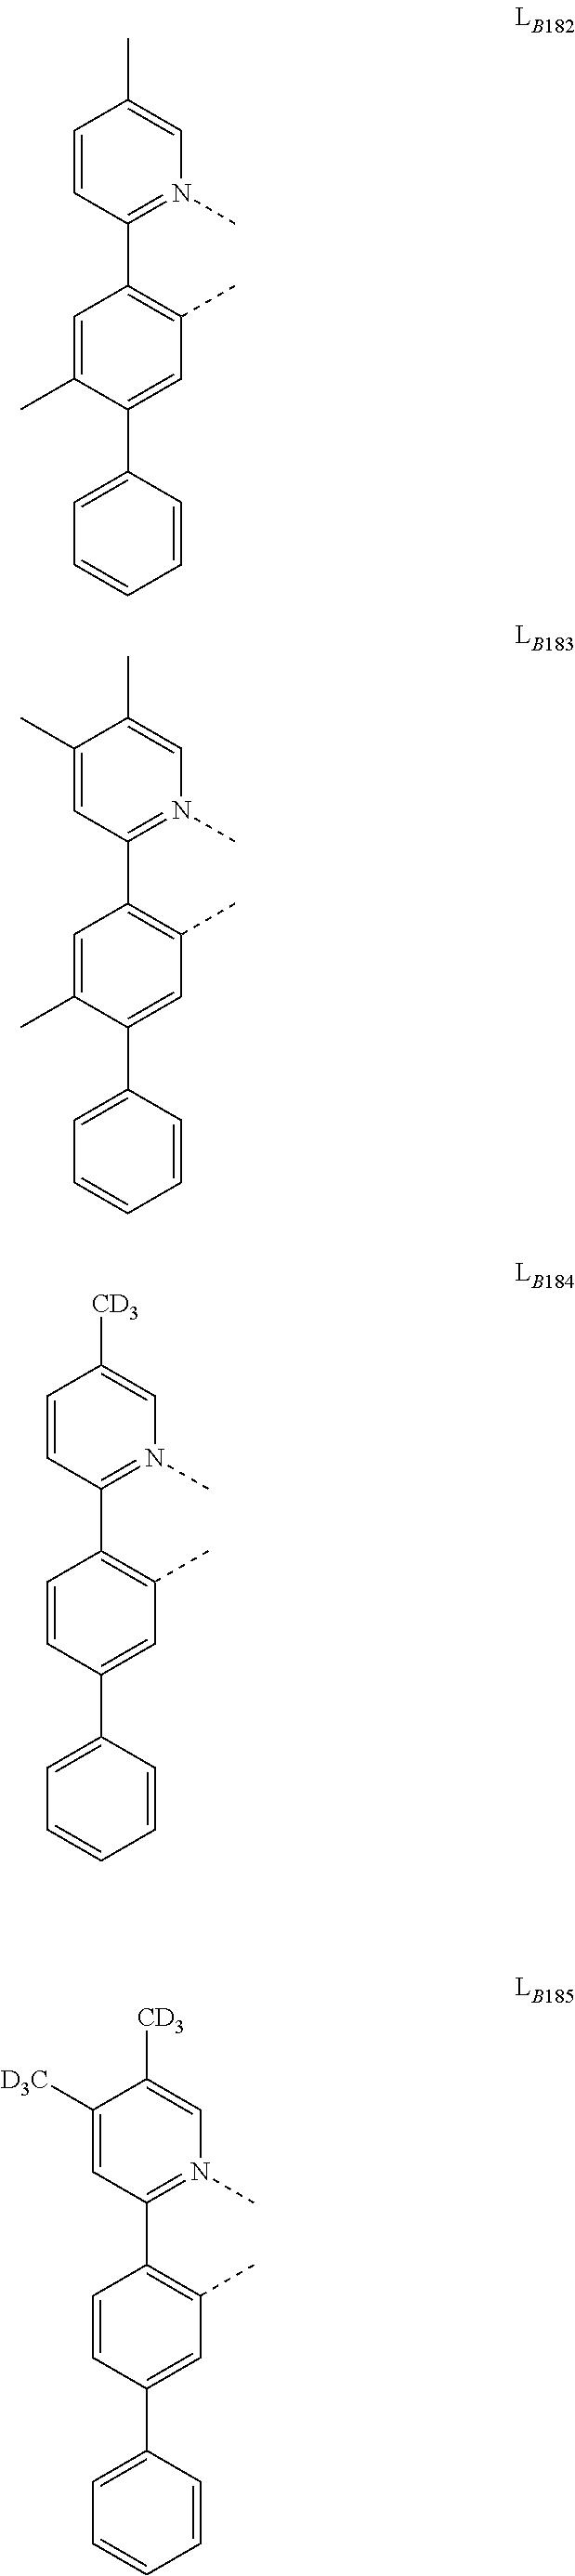 Figure US20180130962A1-20180510-C00296